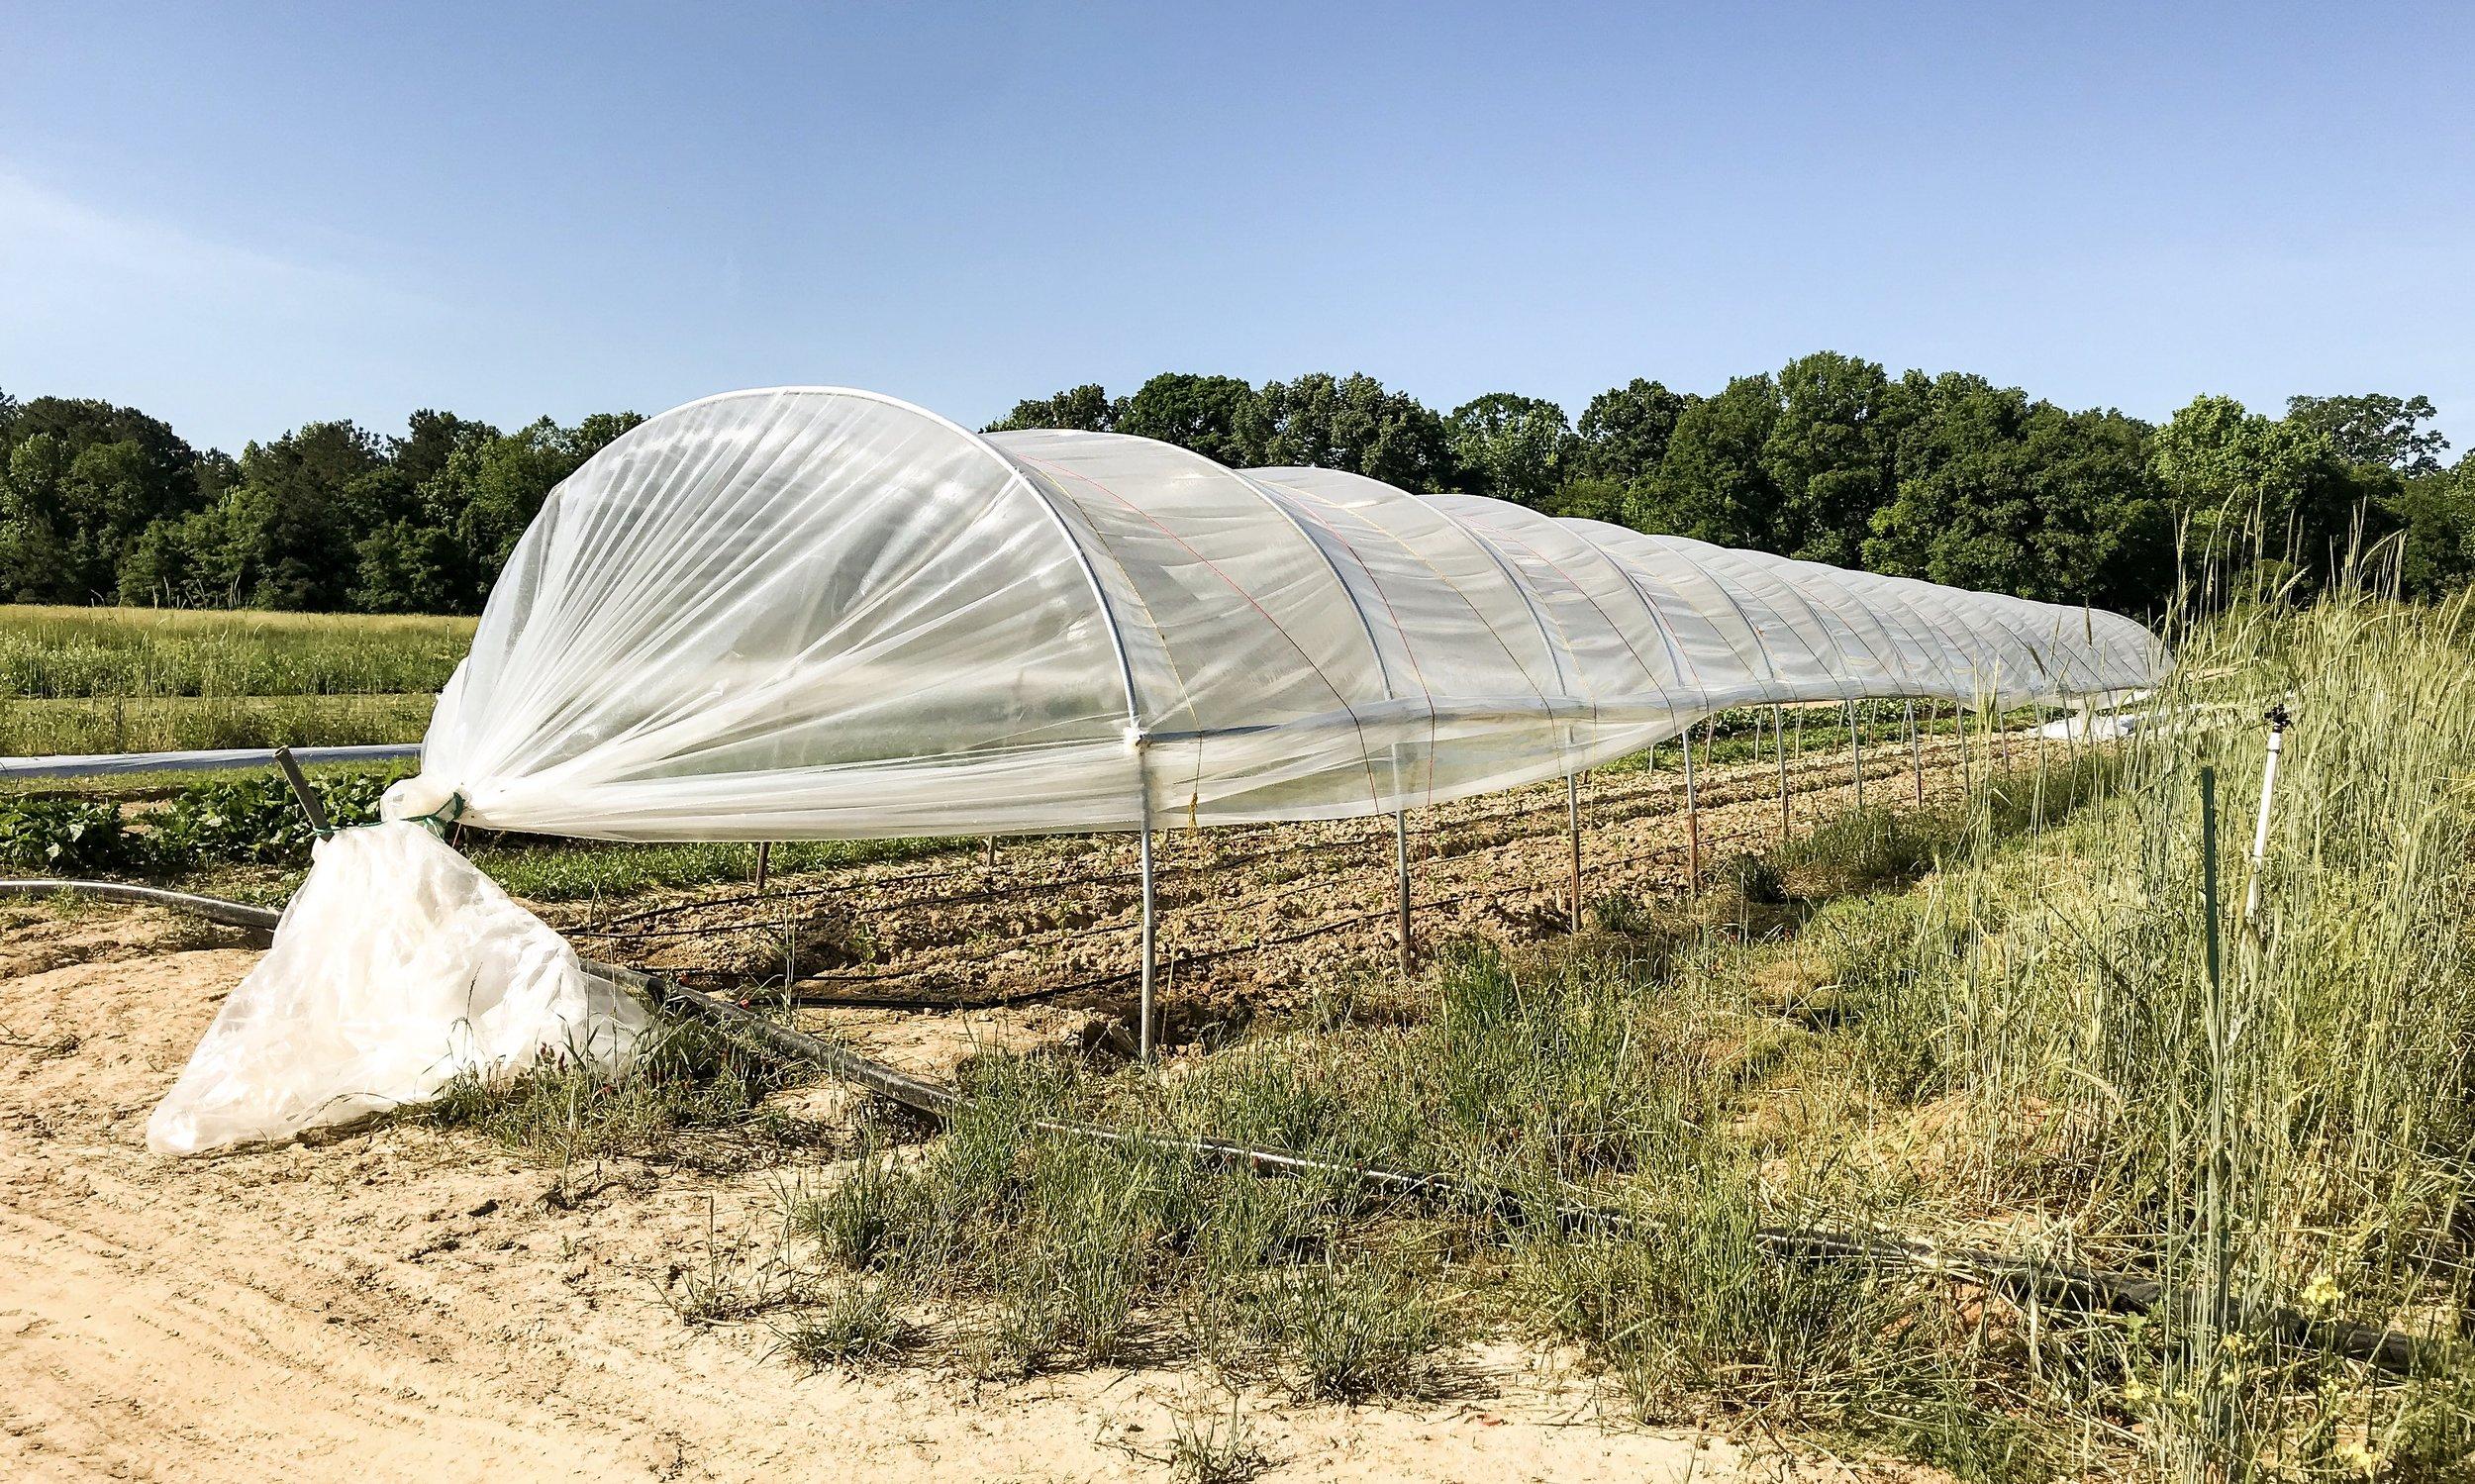 Caterpillar tunnel at Tupelo farm site